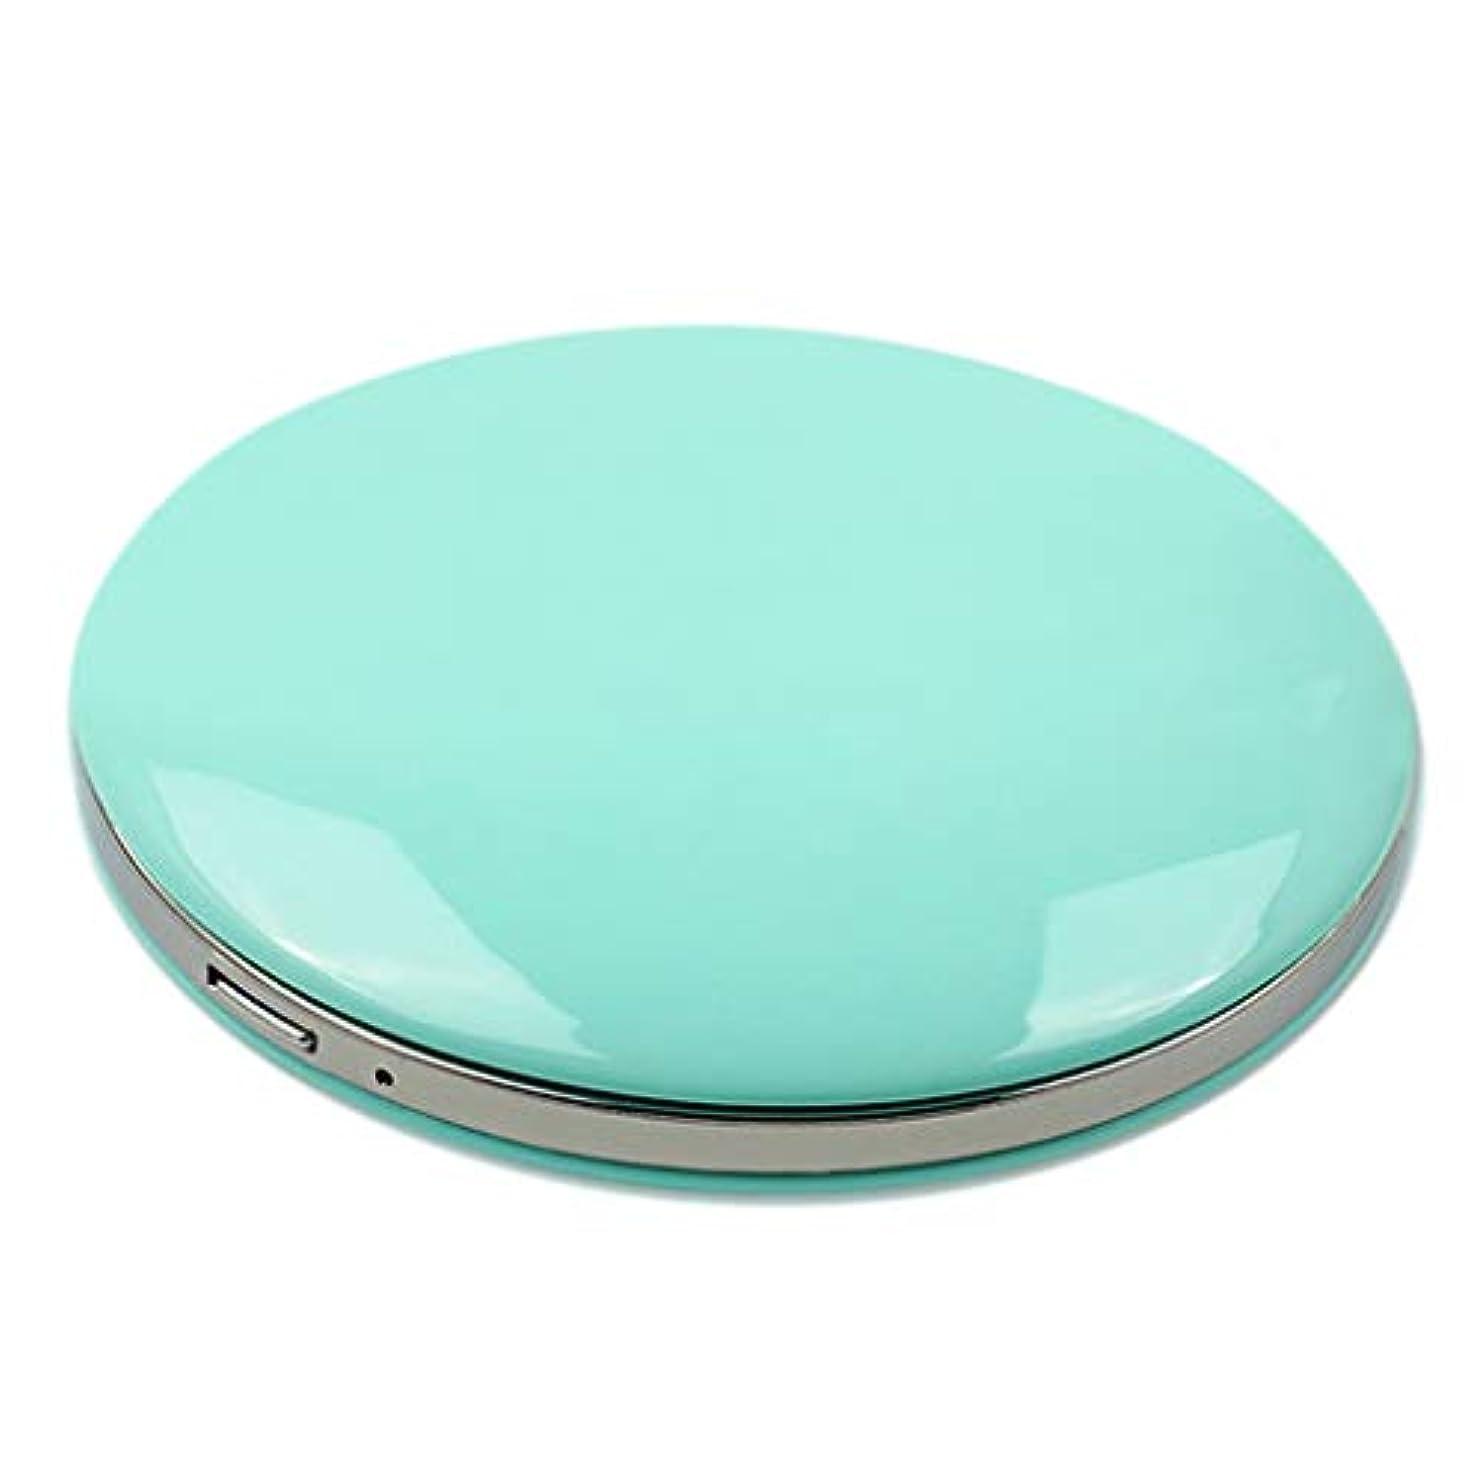 著作権地図トマトコンパクトミラー 拡大鏡付き 3倍 LED付き 化粧鏡 携帯ミラー 化粧鏡 手持式 持ち運び 全5色 - 緑